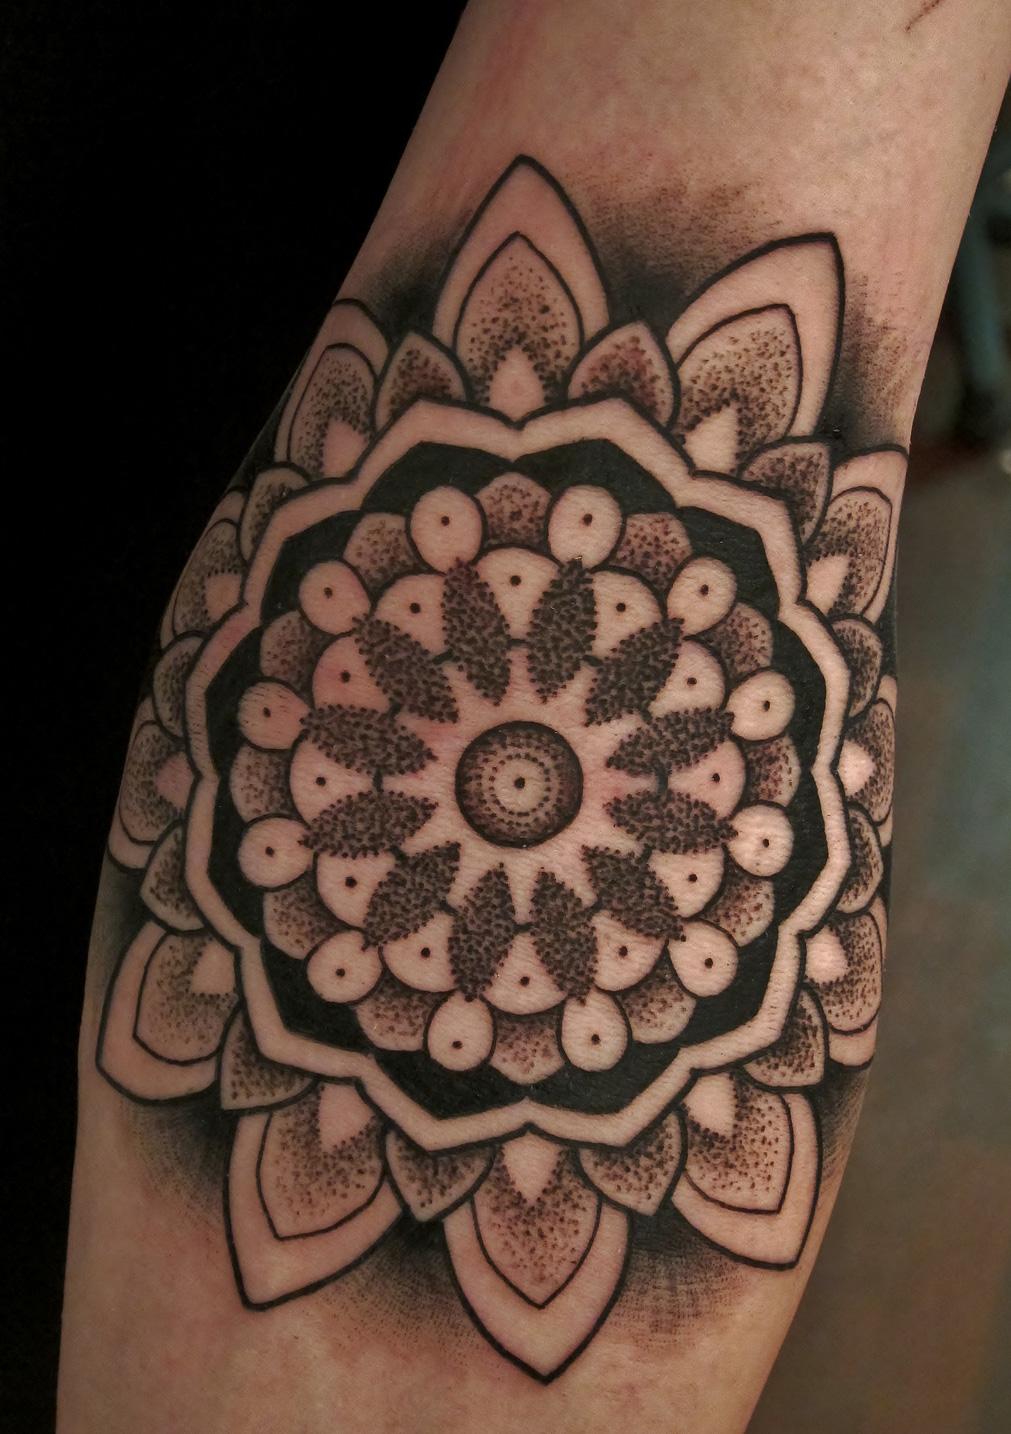 dotwork tattoo images designs. Black Bedroom Furniture Sets. Home Design Ideas